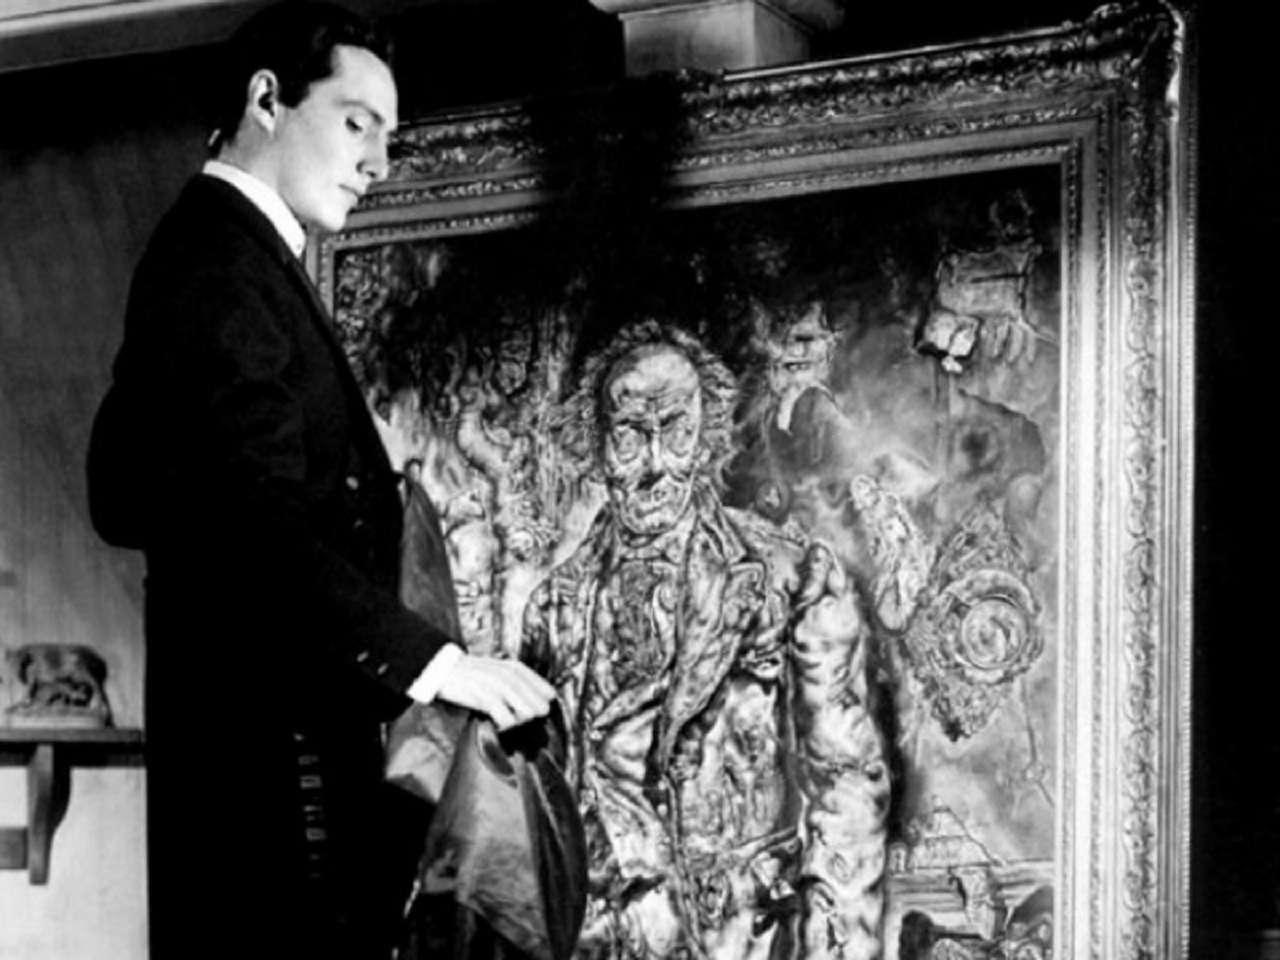 Dorian Gray (Hurd Hatfield) and his portrait in The Picture of Dorian Gray (1945)